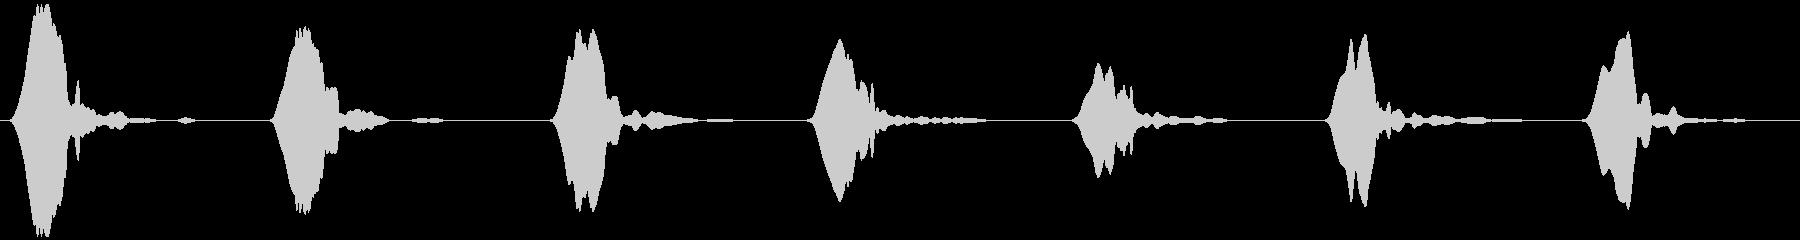 野鳥の、さえずりB  ヒッ×7の未再生の波形